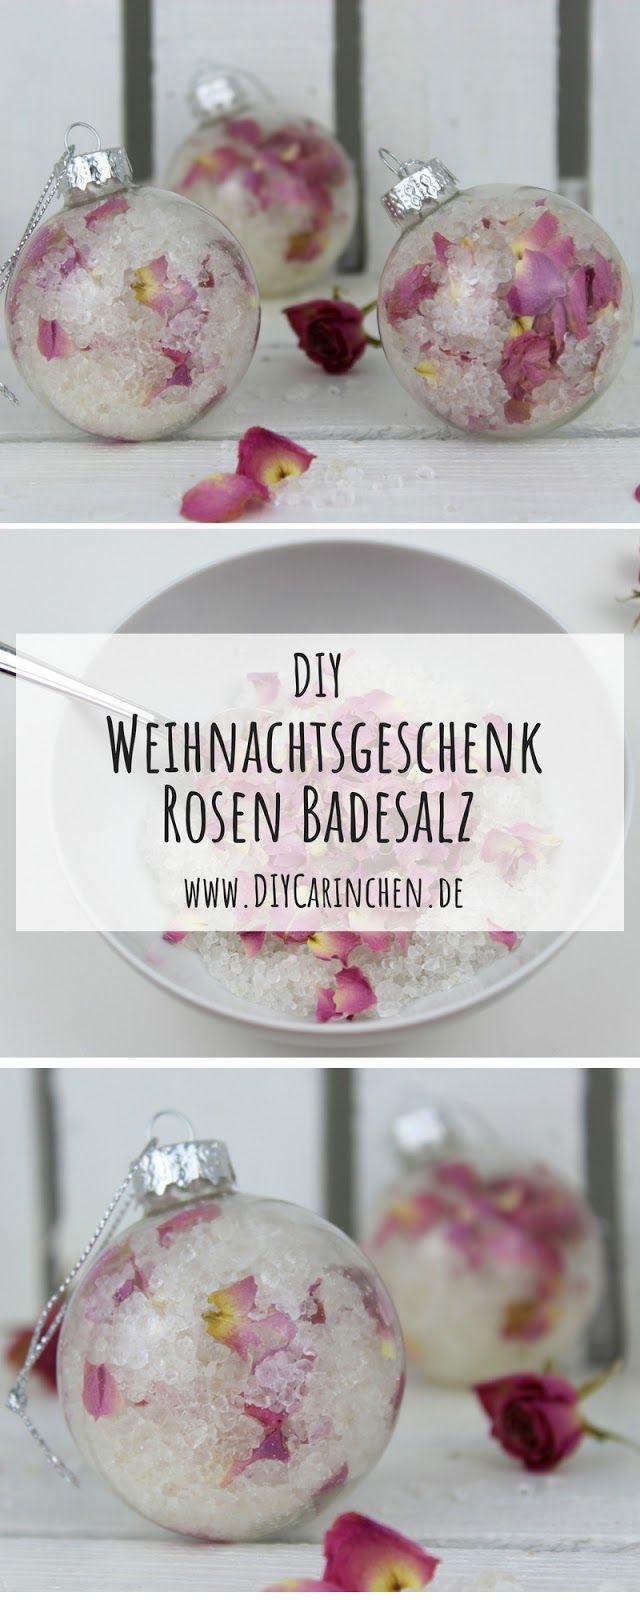 DIY Badesalz mit Rosenblütenblättern selbermachen in Christbaumkugeln